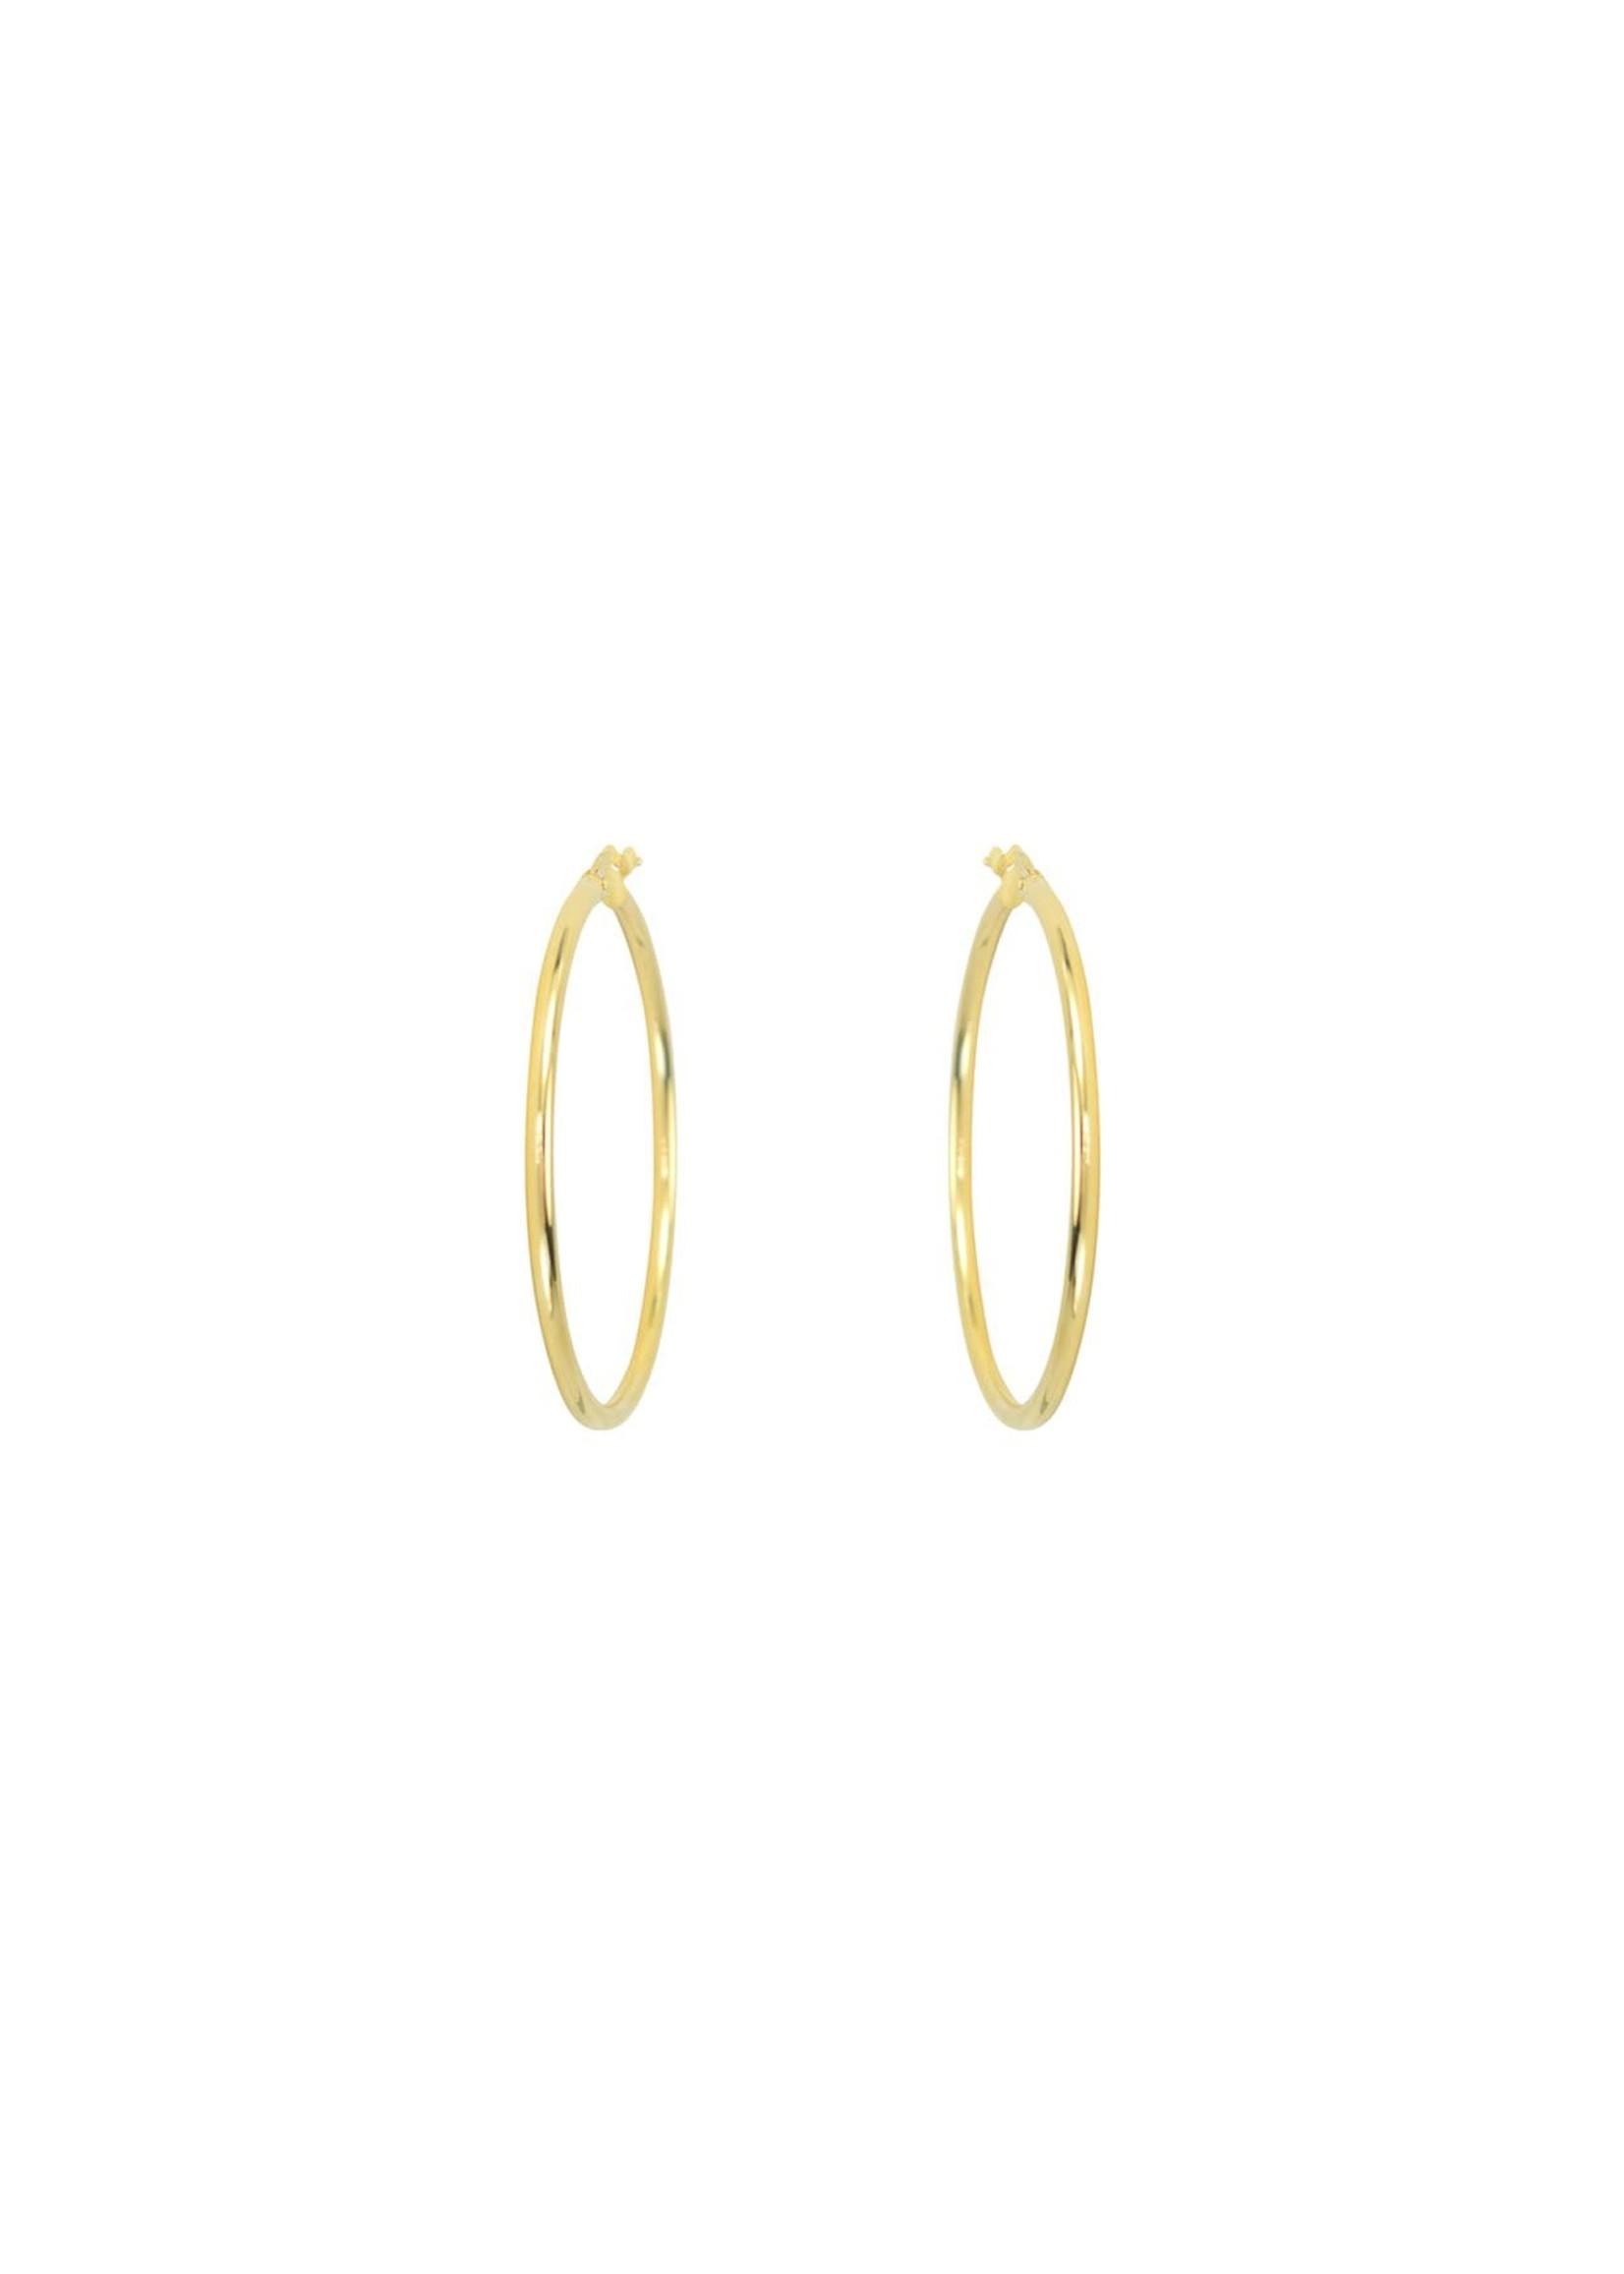 Boucles d'oreilles Grandes Anneaux tube Créole Or jaune 10K